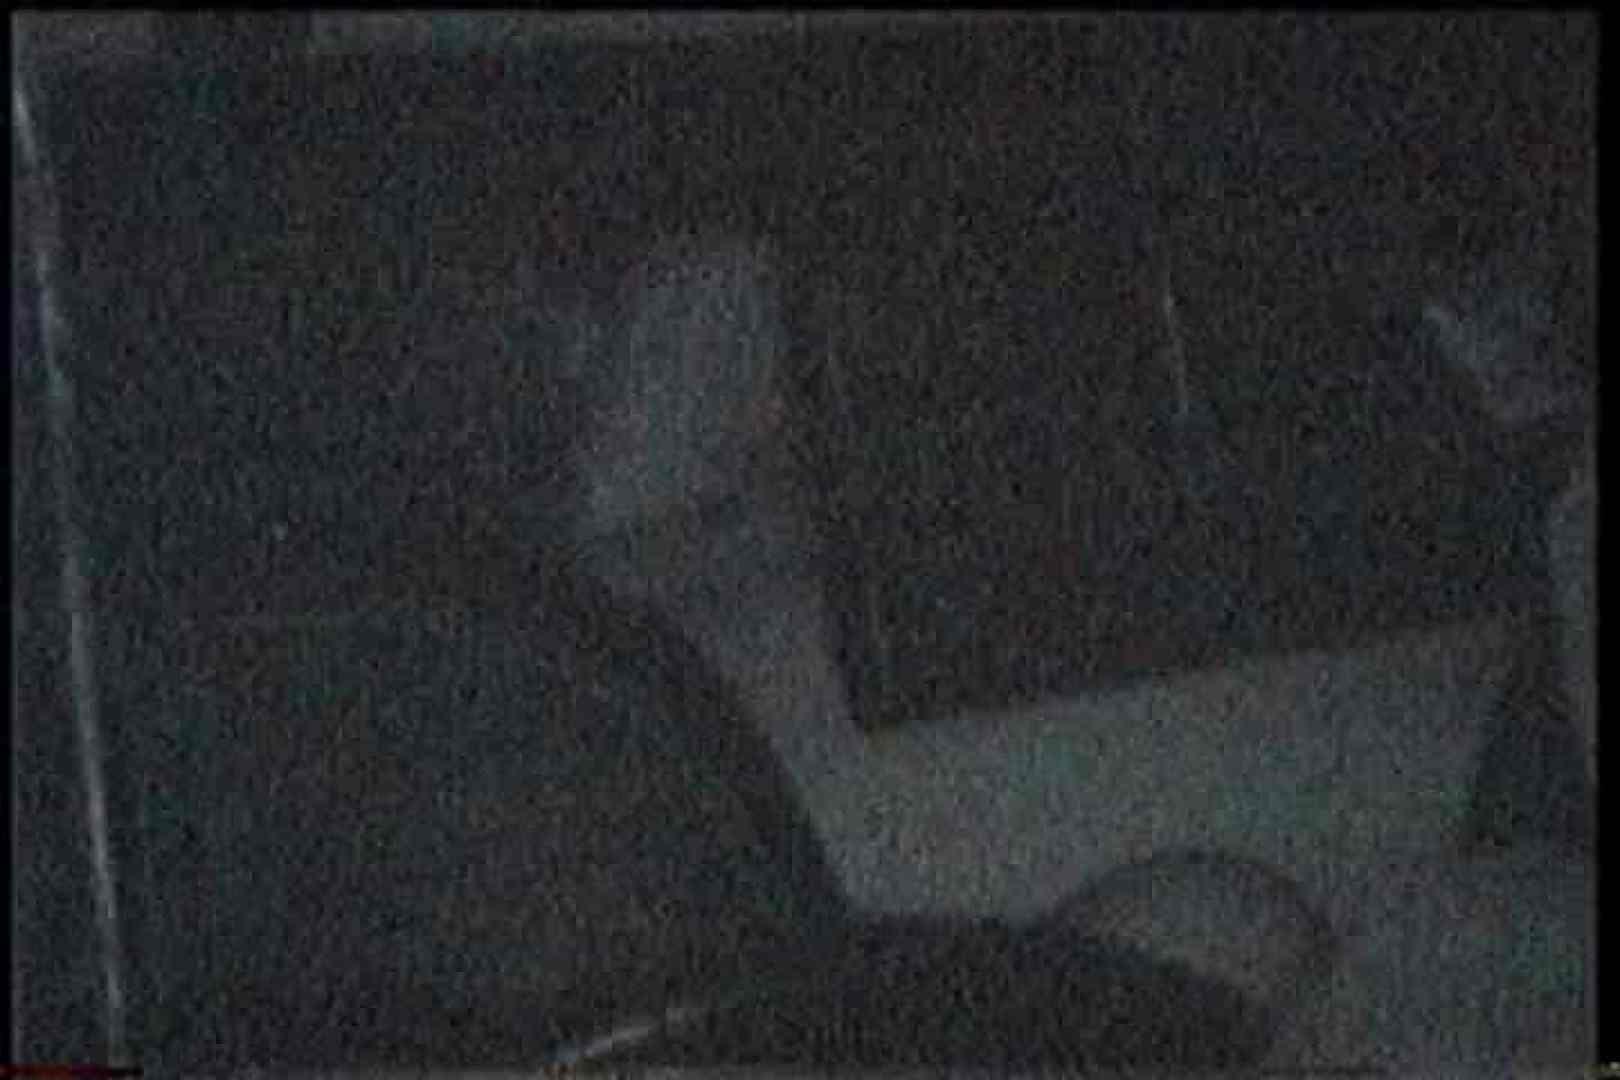 充血監督の深夜の運動会Vol.187 エロティックなOL   エッチなセックス  96画像 11